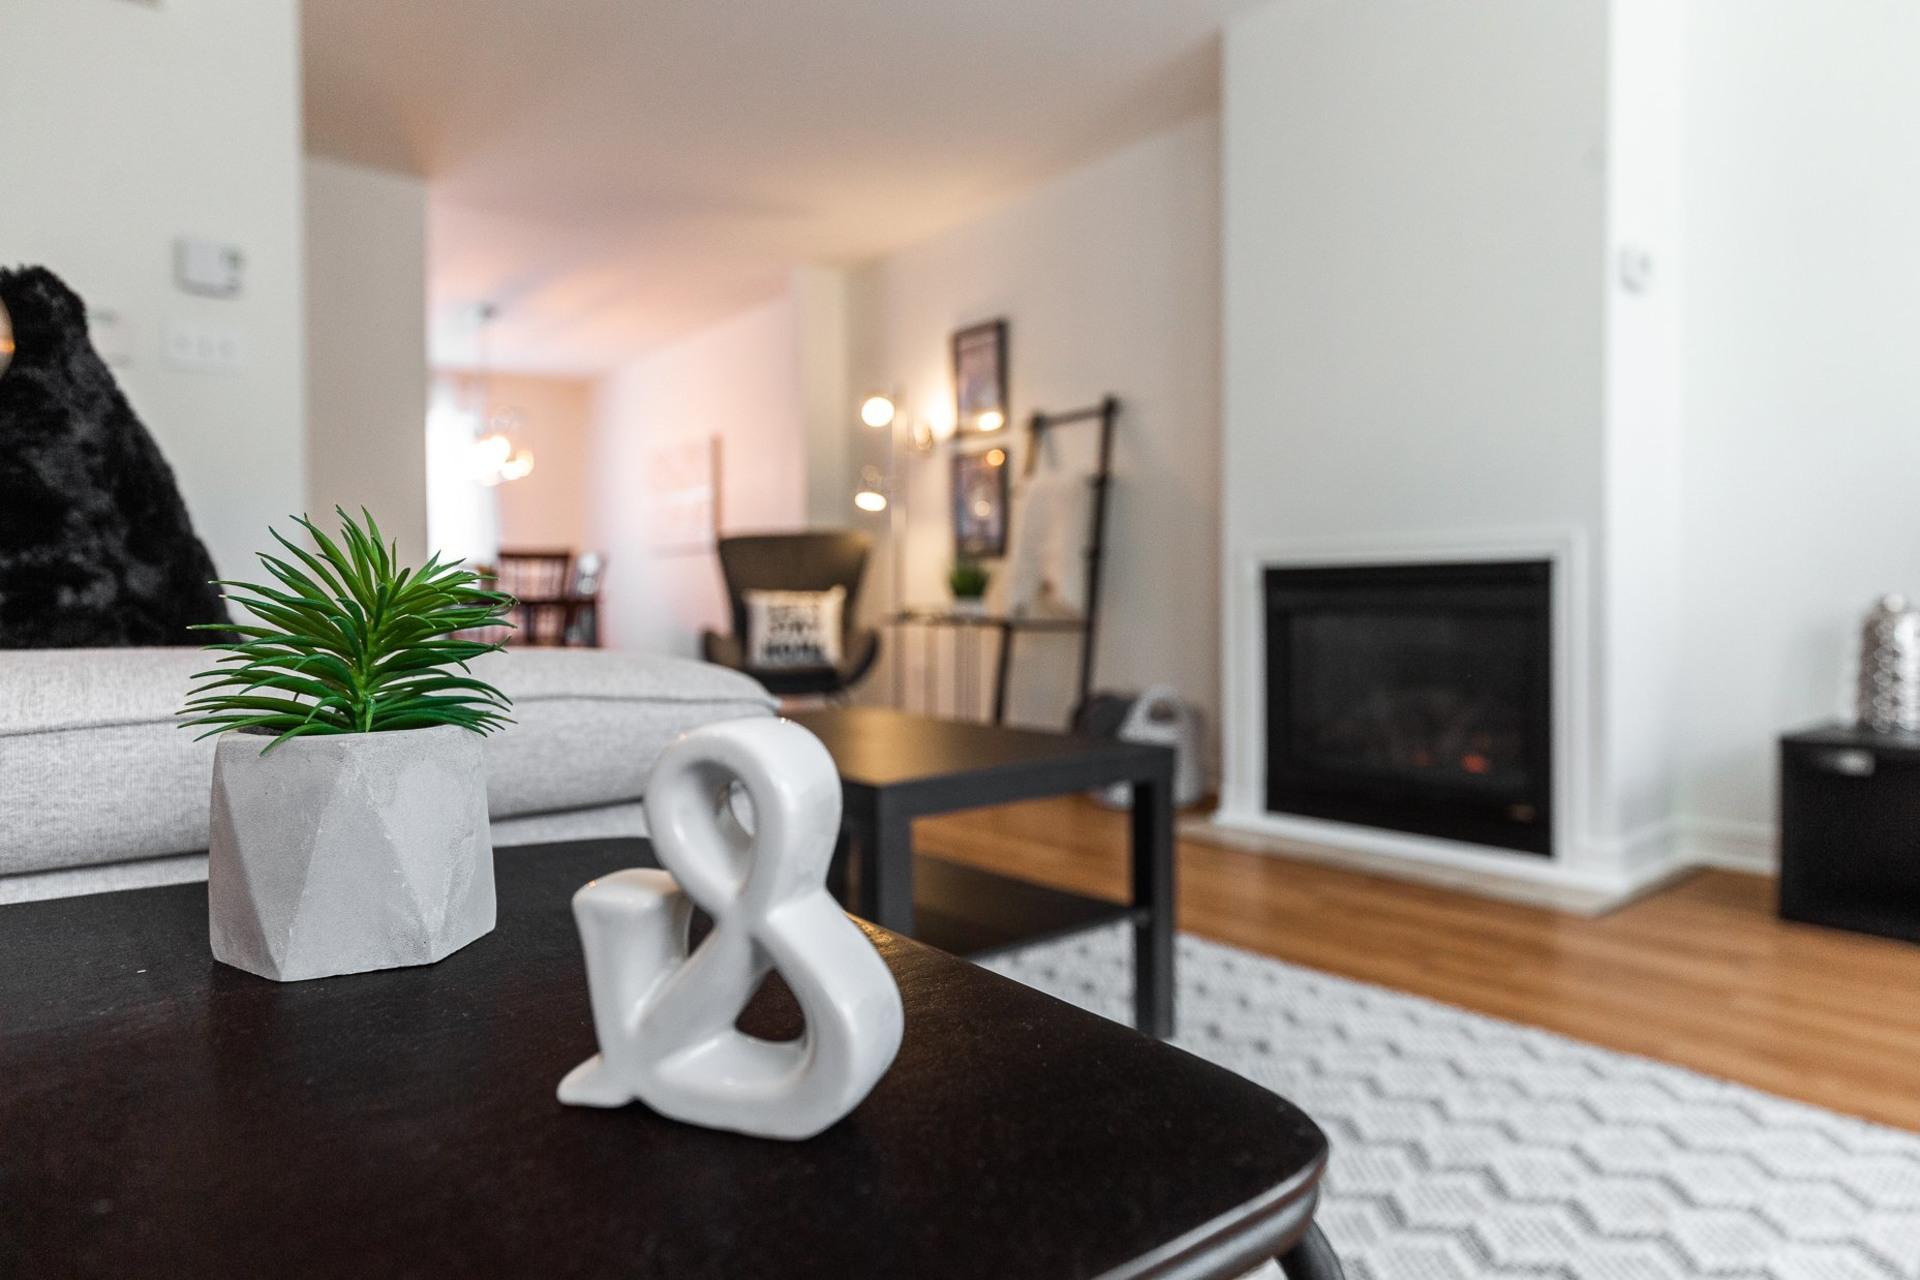 image 5 - Apartment For sale Mercier/Hochelaga-Maisonneuve Montréal  - 5 rooms